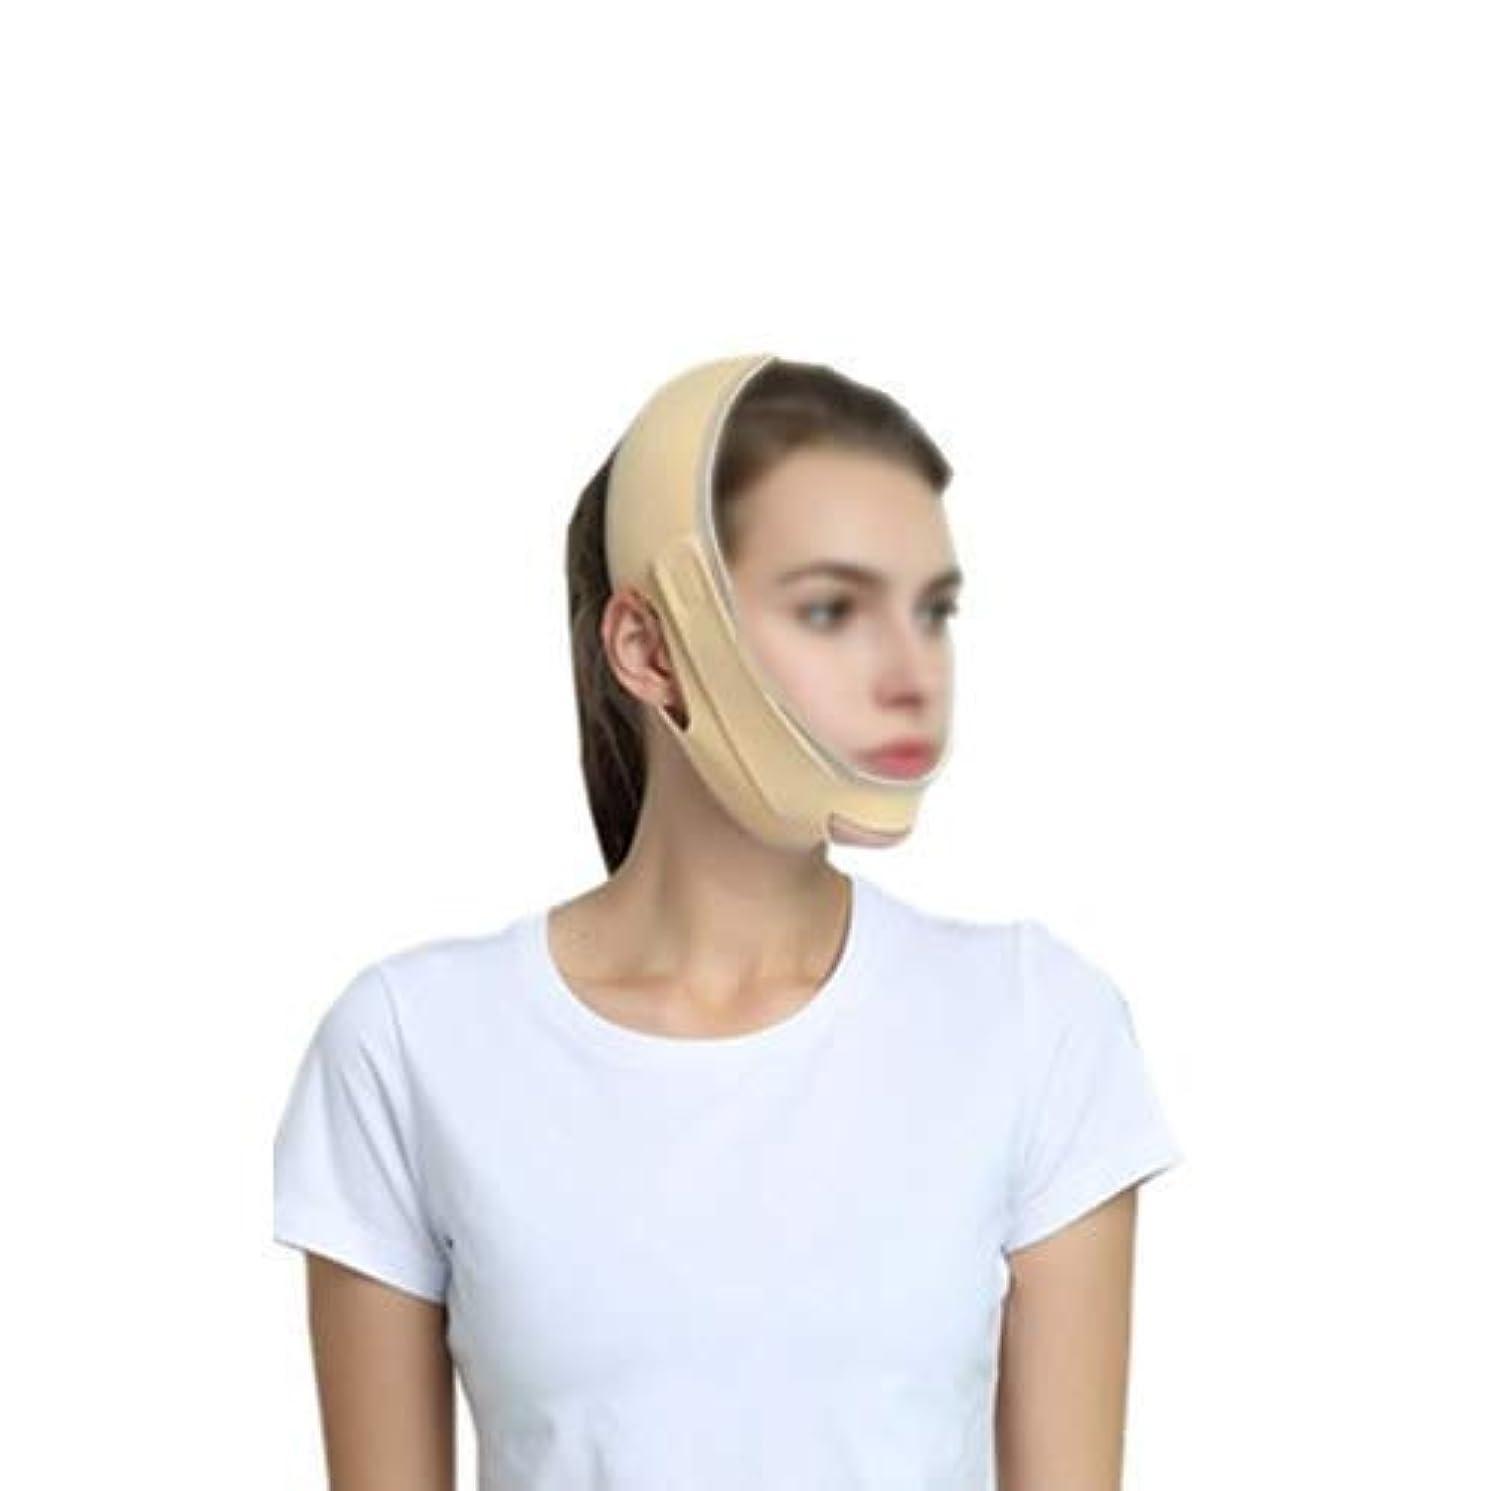 定義するティームましいフェイスリフトマスクフェイスアンドネックリフトポストエラスティックスリーブ下顎骨セットフェイスアーティファクトVフェイスフェイシャルフェイスバンドルダブルチンマスクブラックフェイスアーティファク(色:A)